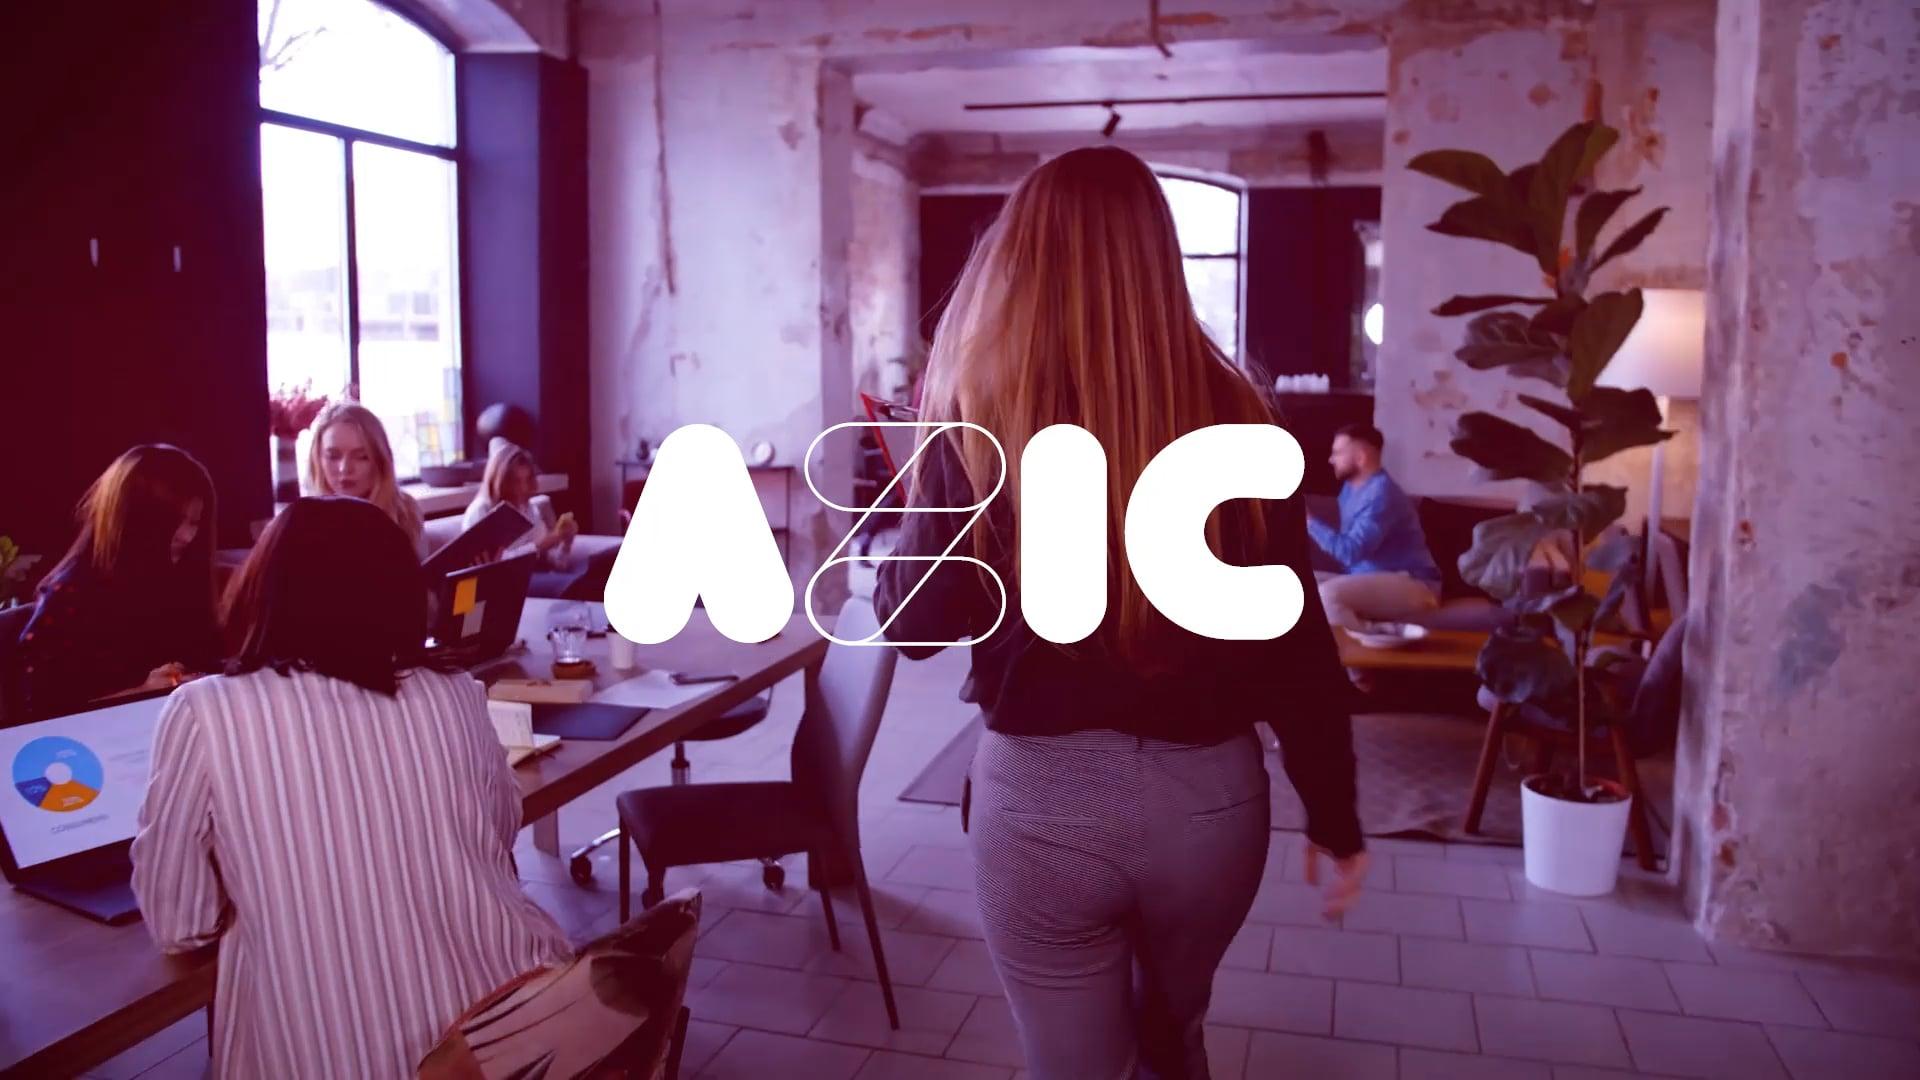 AZIC - Institucional